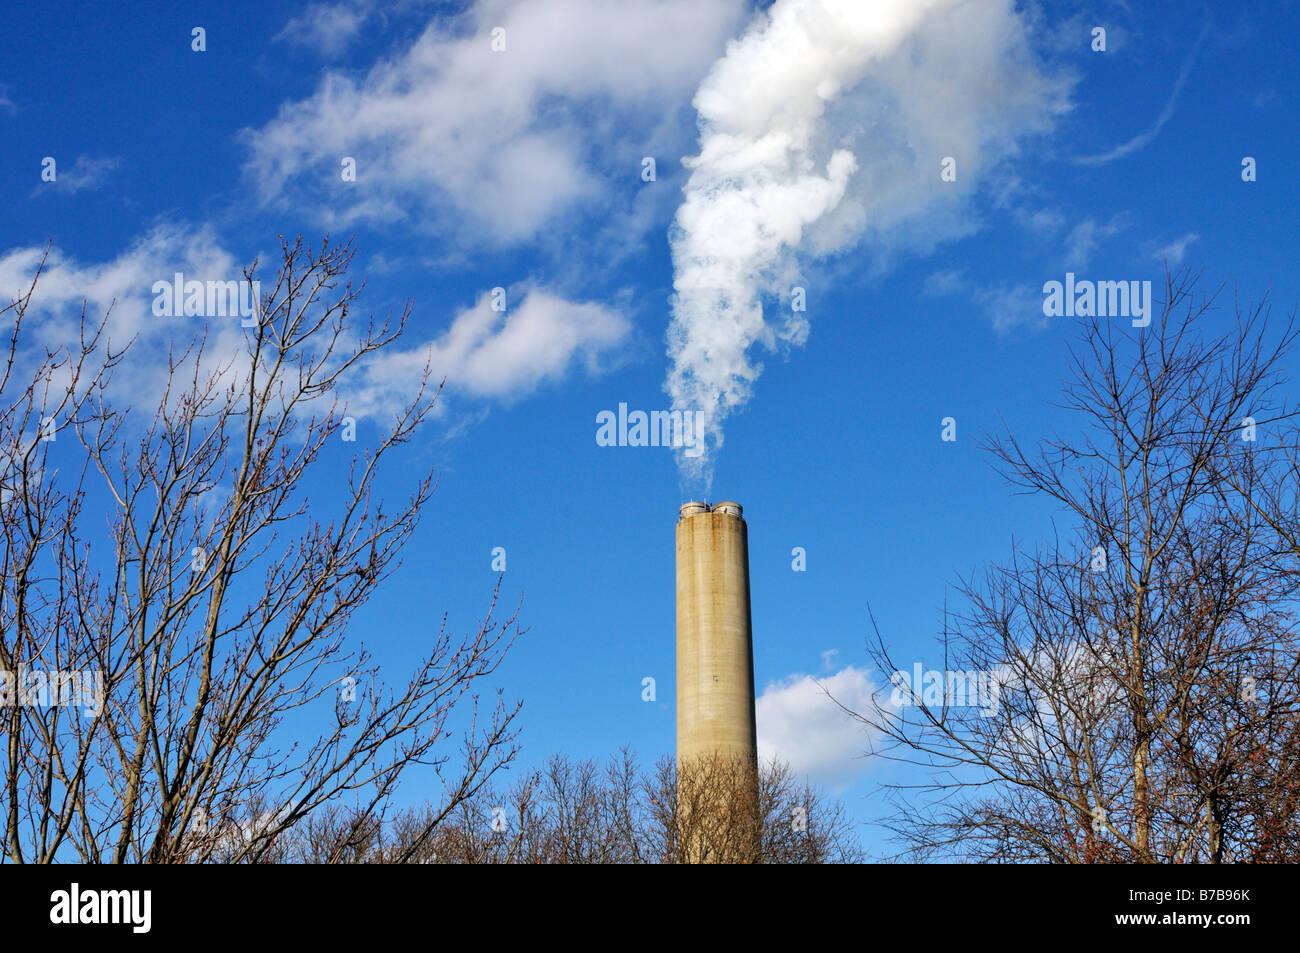 Kraftwerk-Schornstein mit weißer Rauch Stockbild